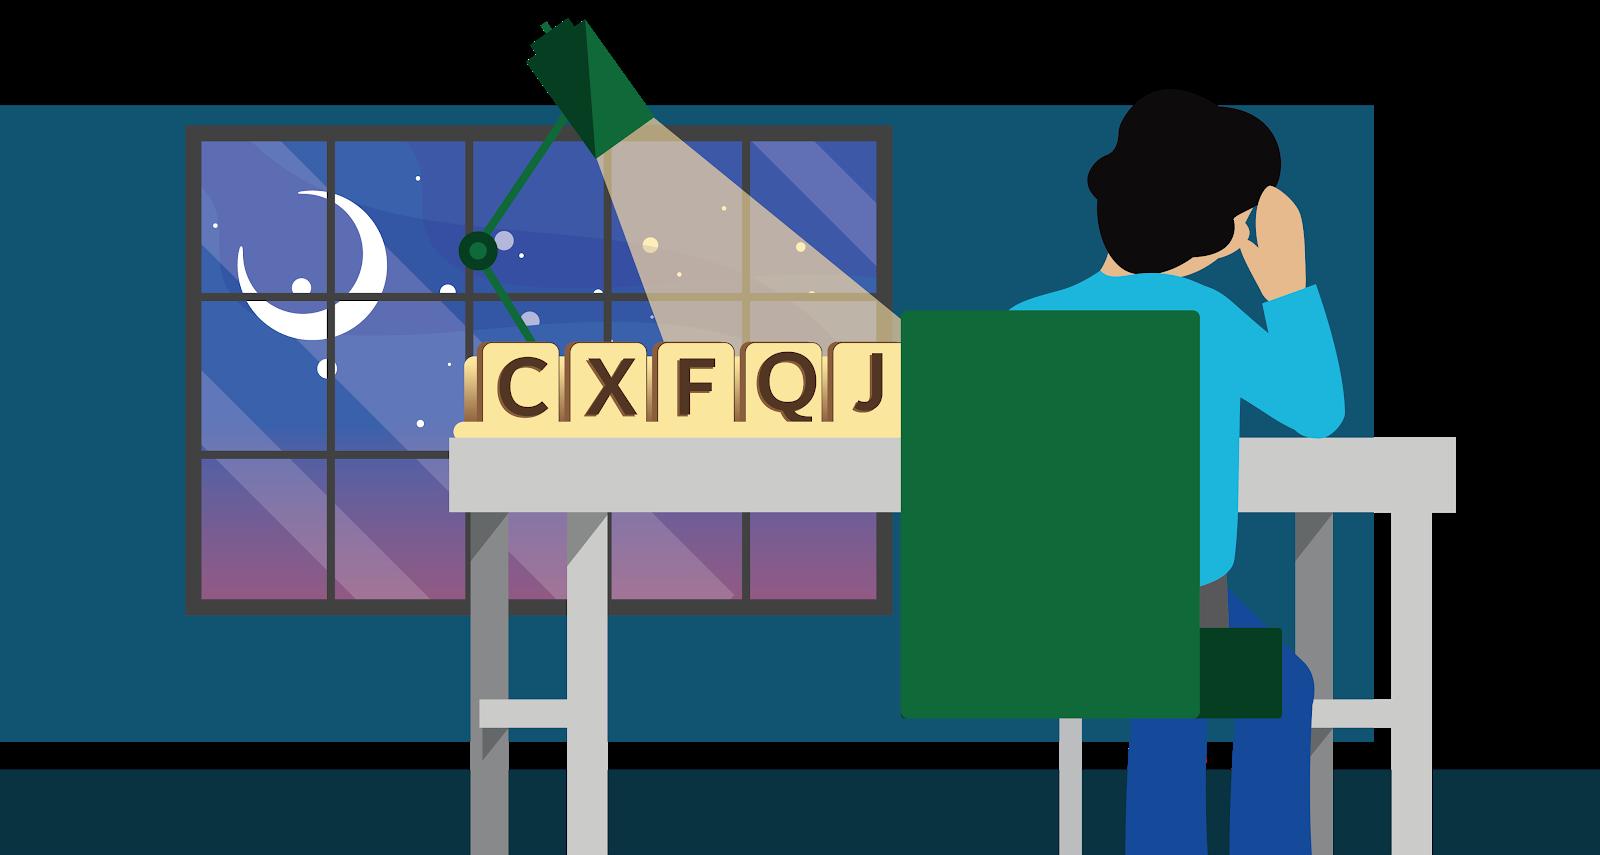 Une personne assise à un bureau en train de regarder des lettres de Scrabble surdimensionnées: CXFQJ